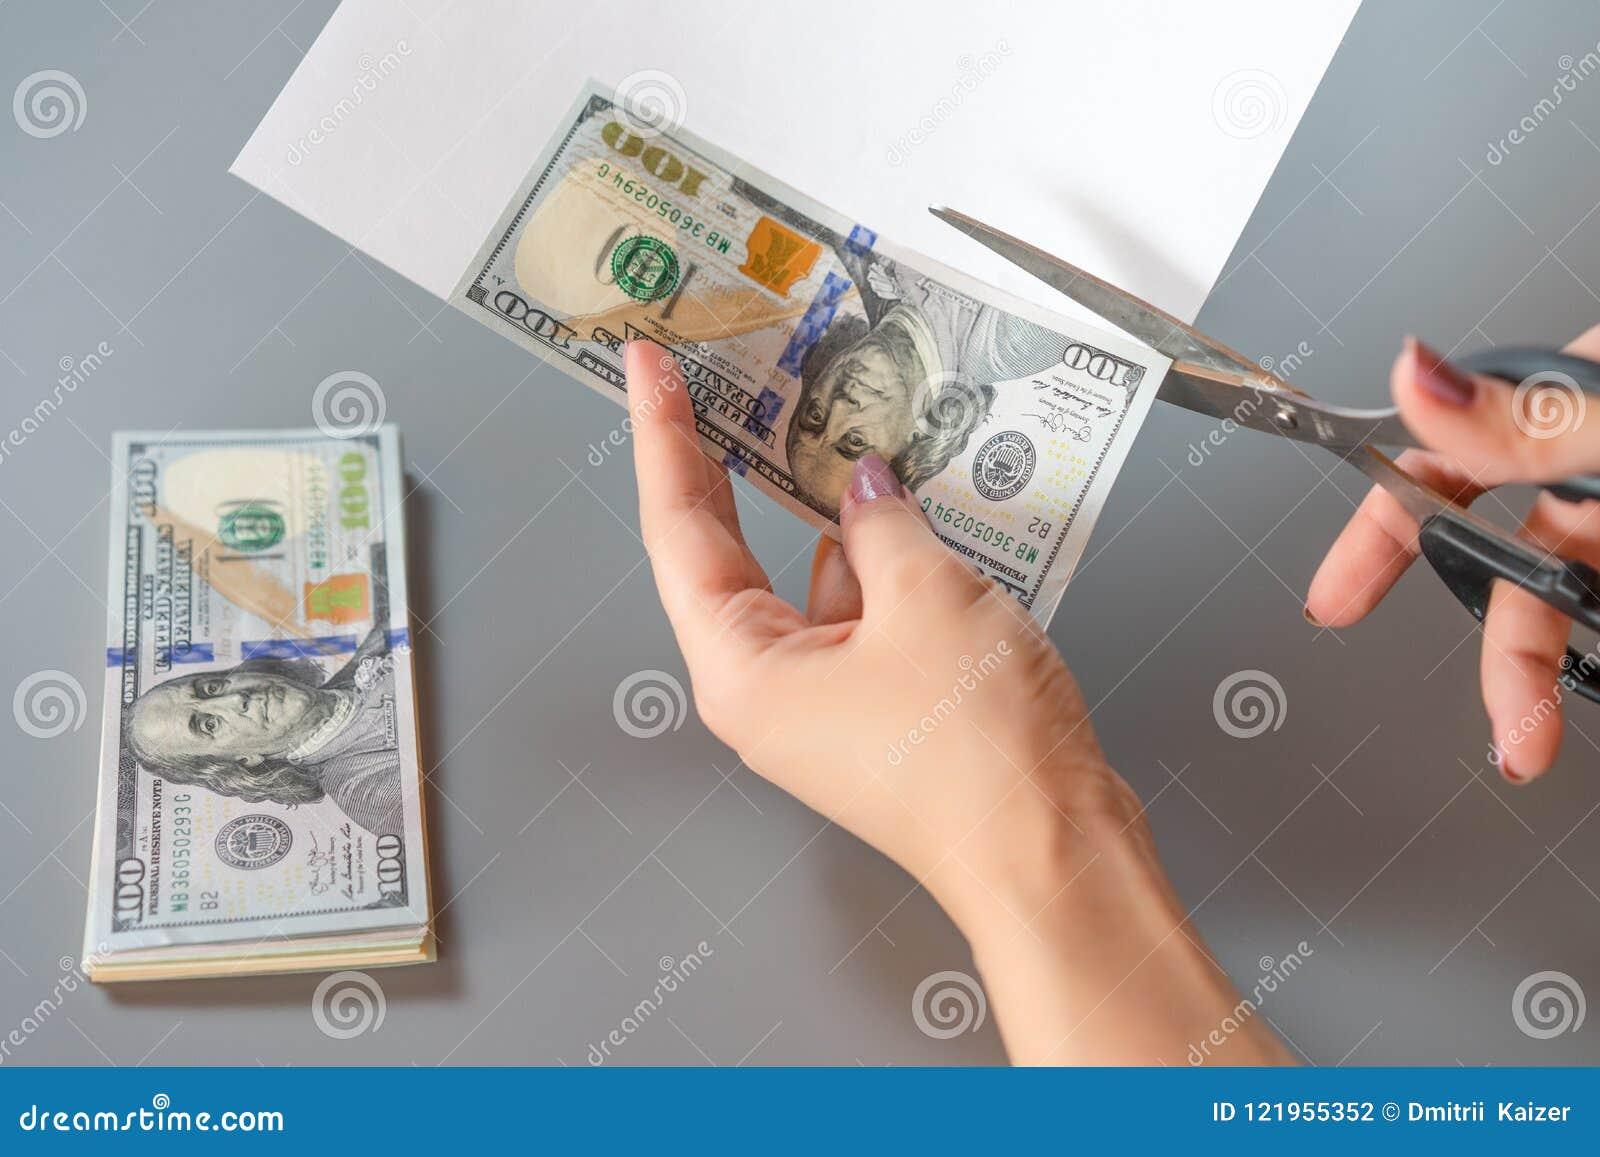 making-fake-dollars-process-make-counter